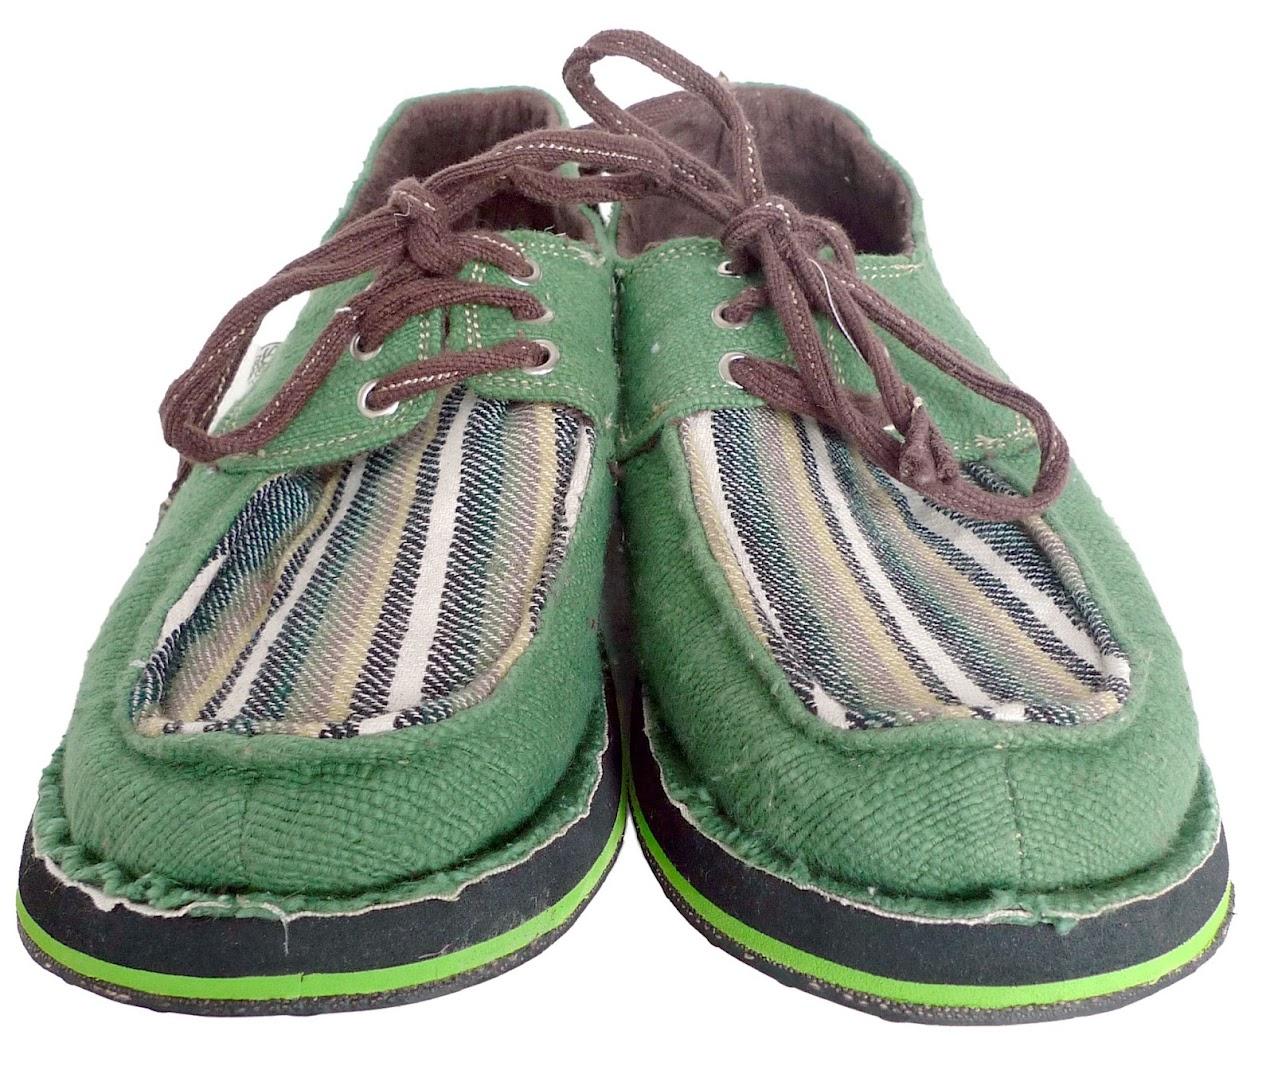 # soleRebels 非洲色彩圖騰帆船鞋:阿比西尼亞麻編織系列! 3